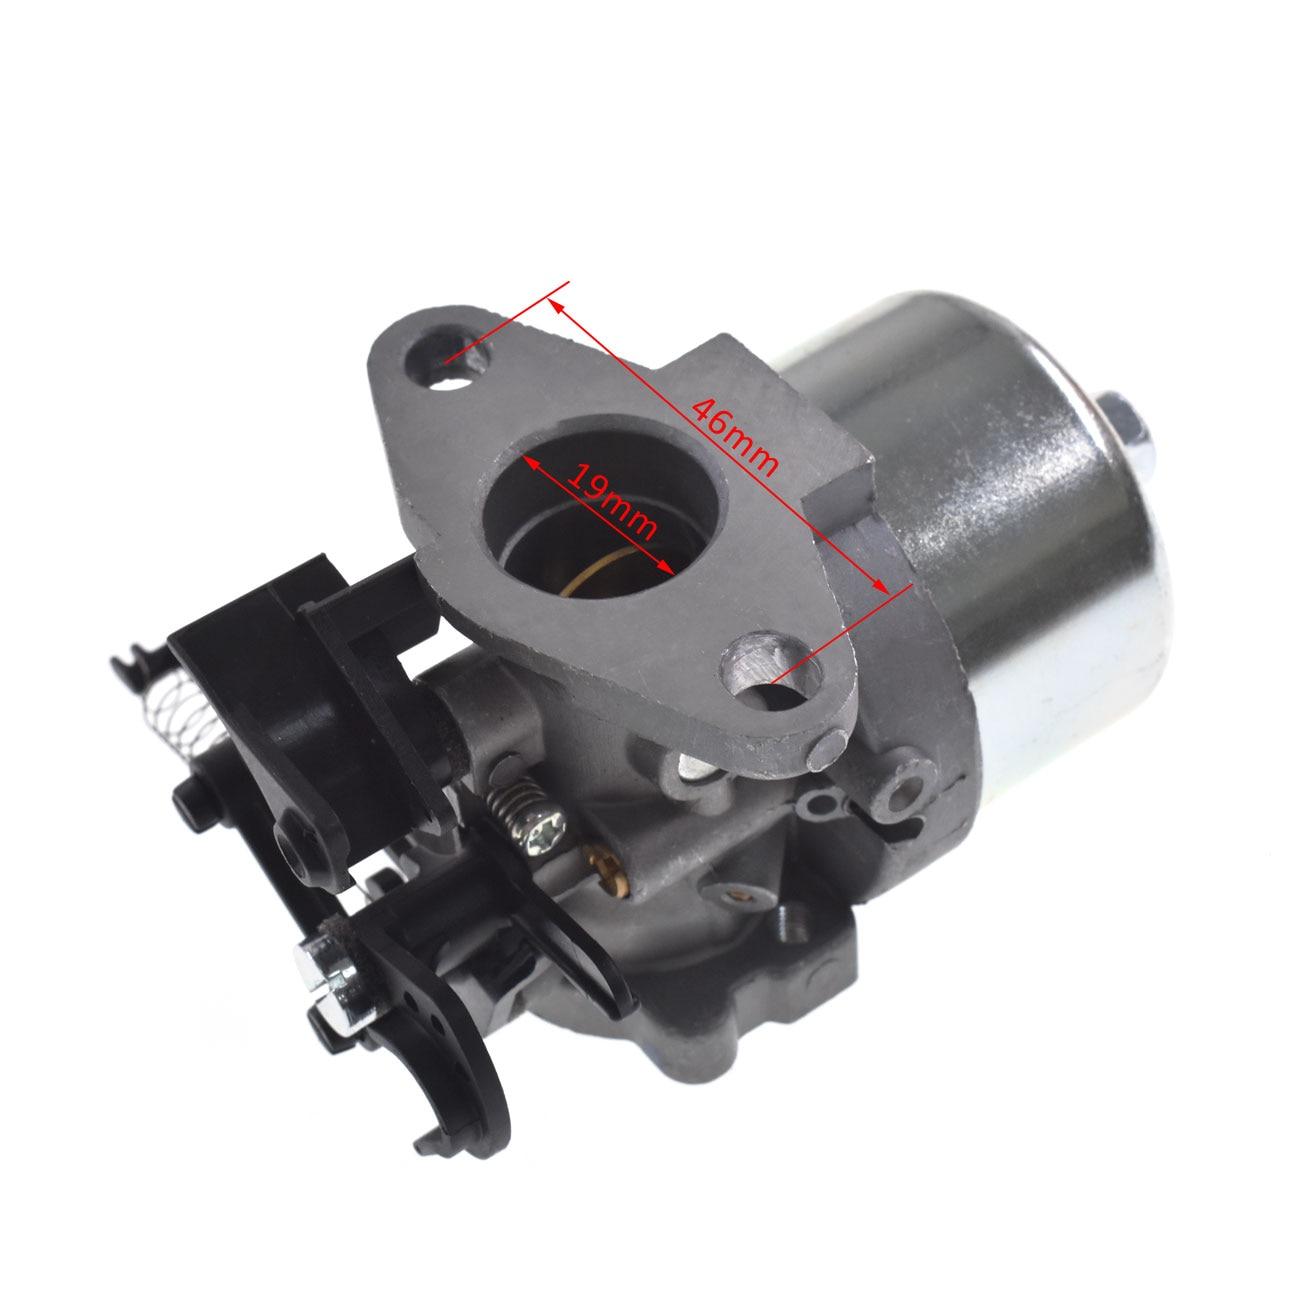 Tools : Carburetor Carb Parts For Briggs  amp  Stratton Engine Motors 591852 793493 793463